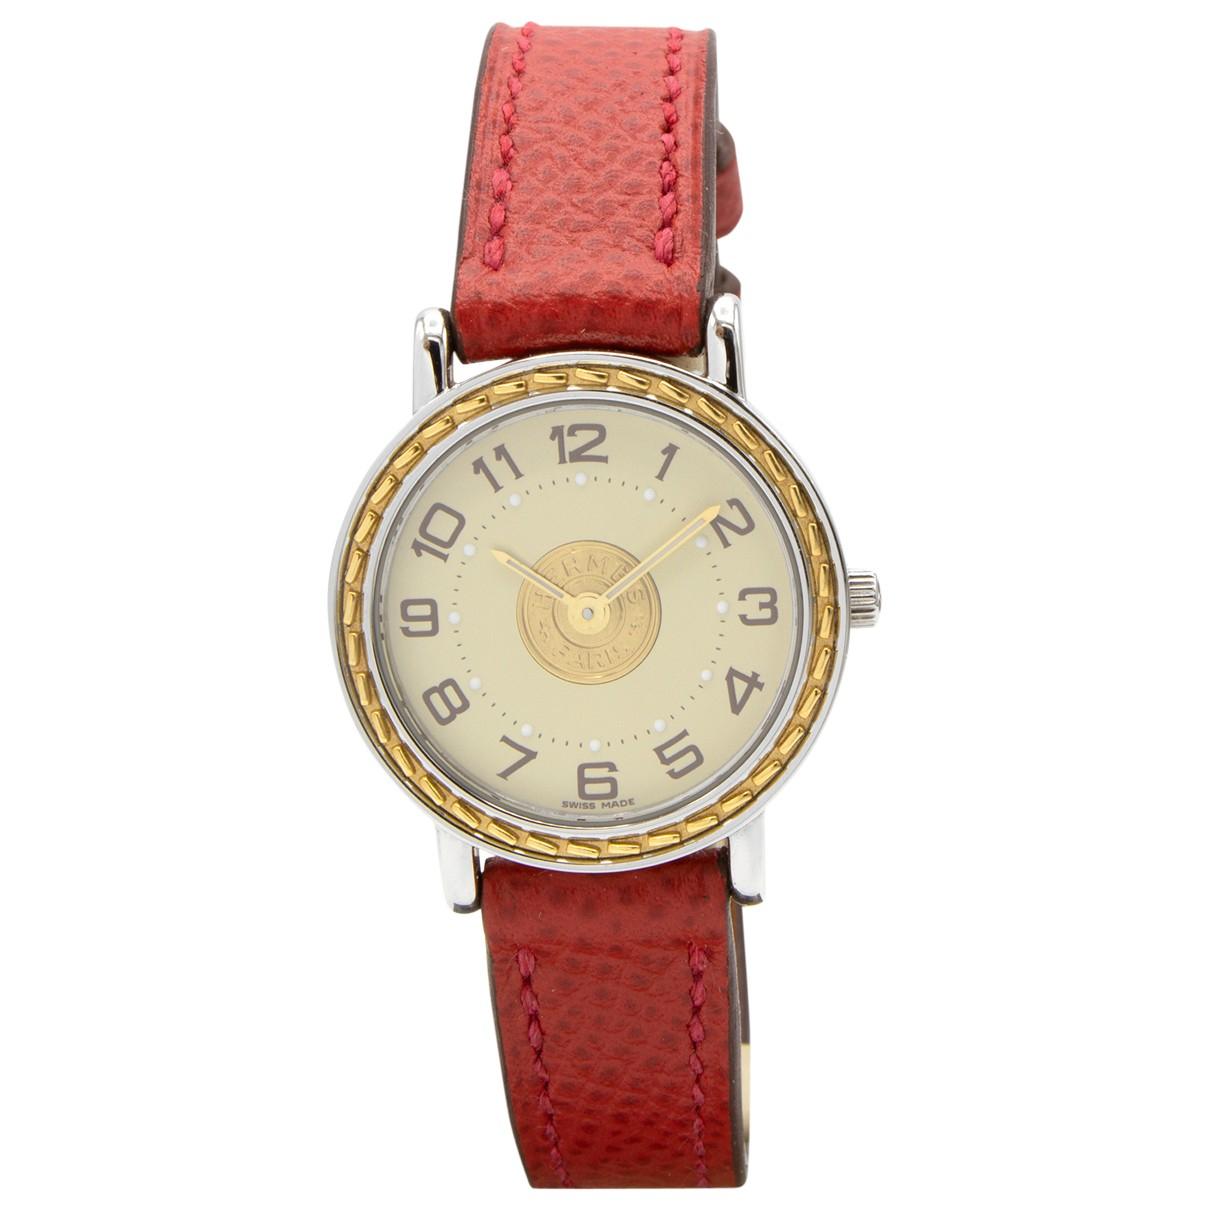 Hermes Sellier Uhr in  Rot Vergoldet